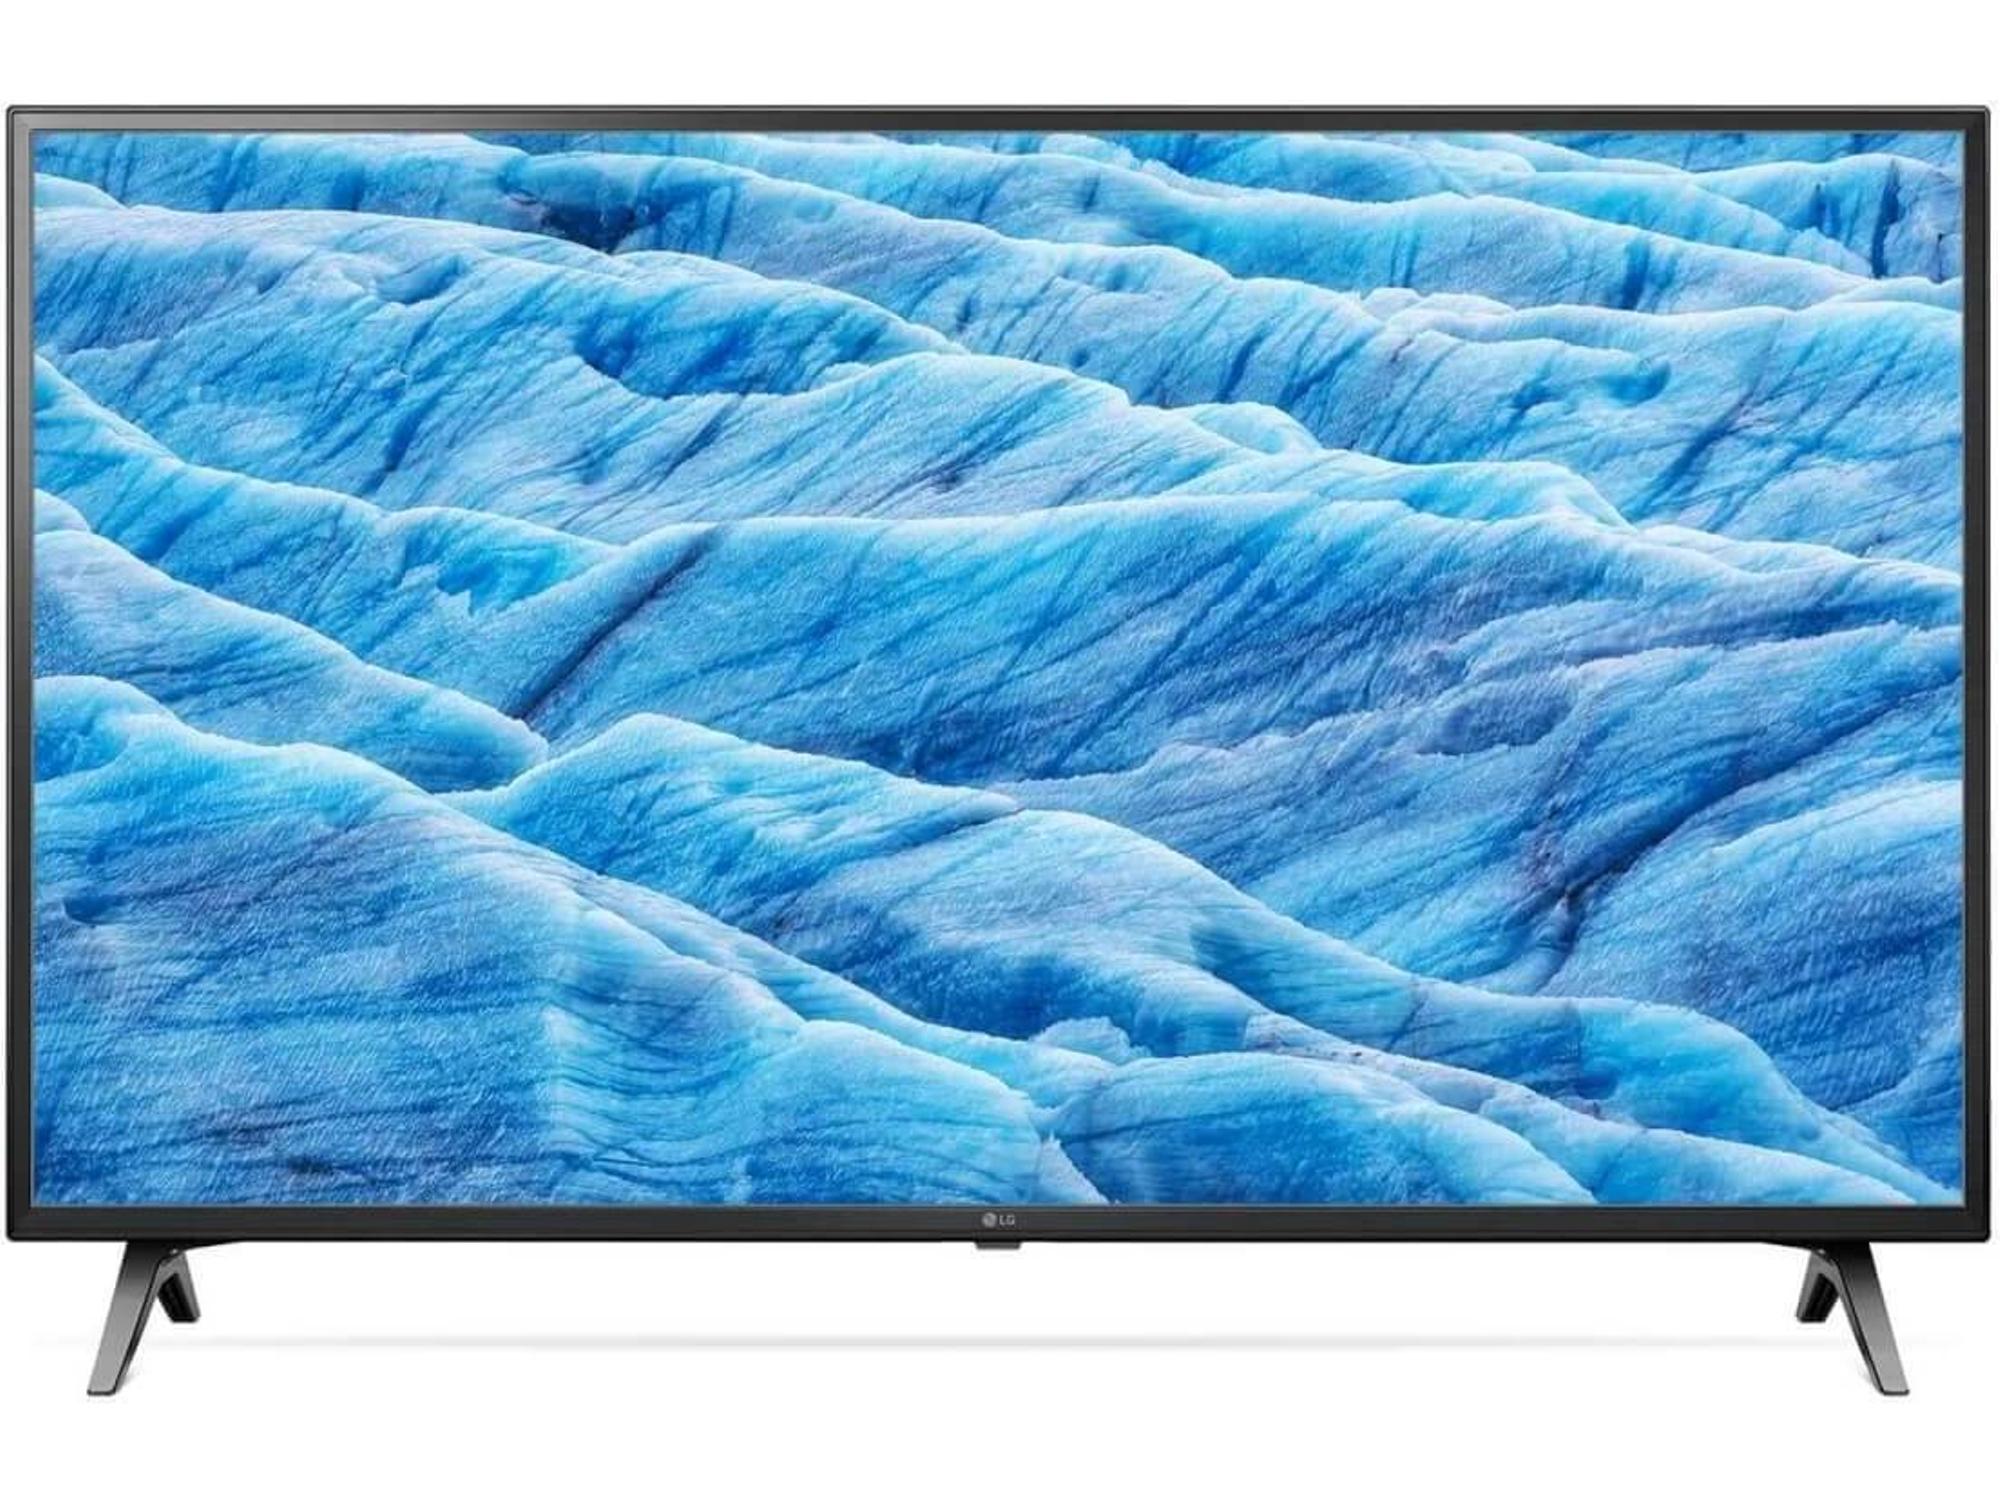 TV LG 49UM7100  (LED - 49'' - 124 cm - 4K Ultra HD - Smart TV)